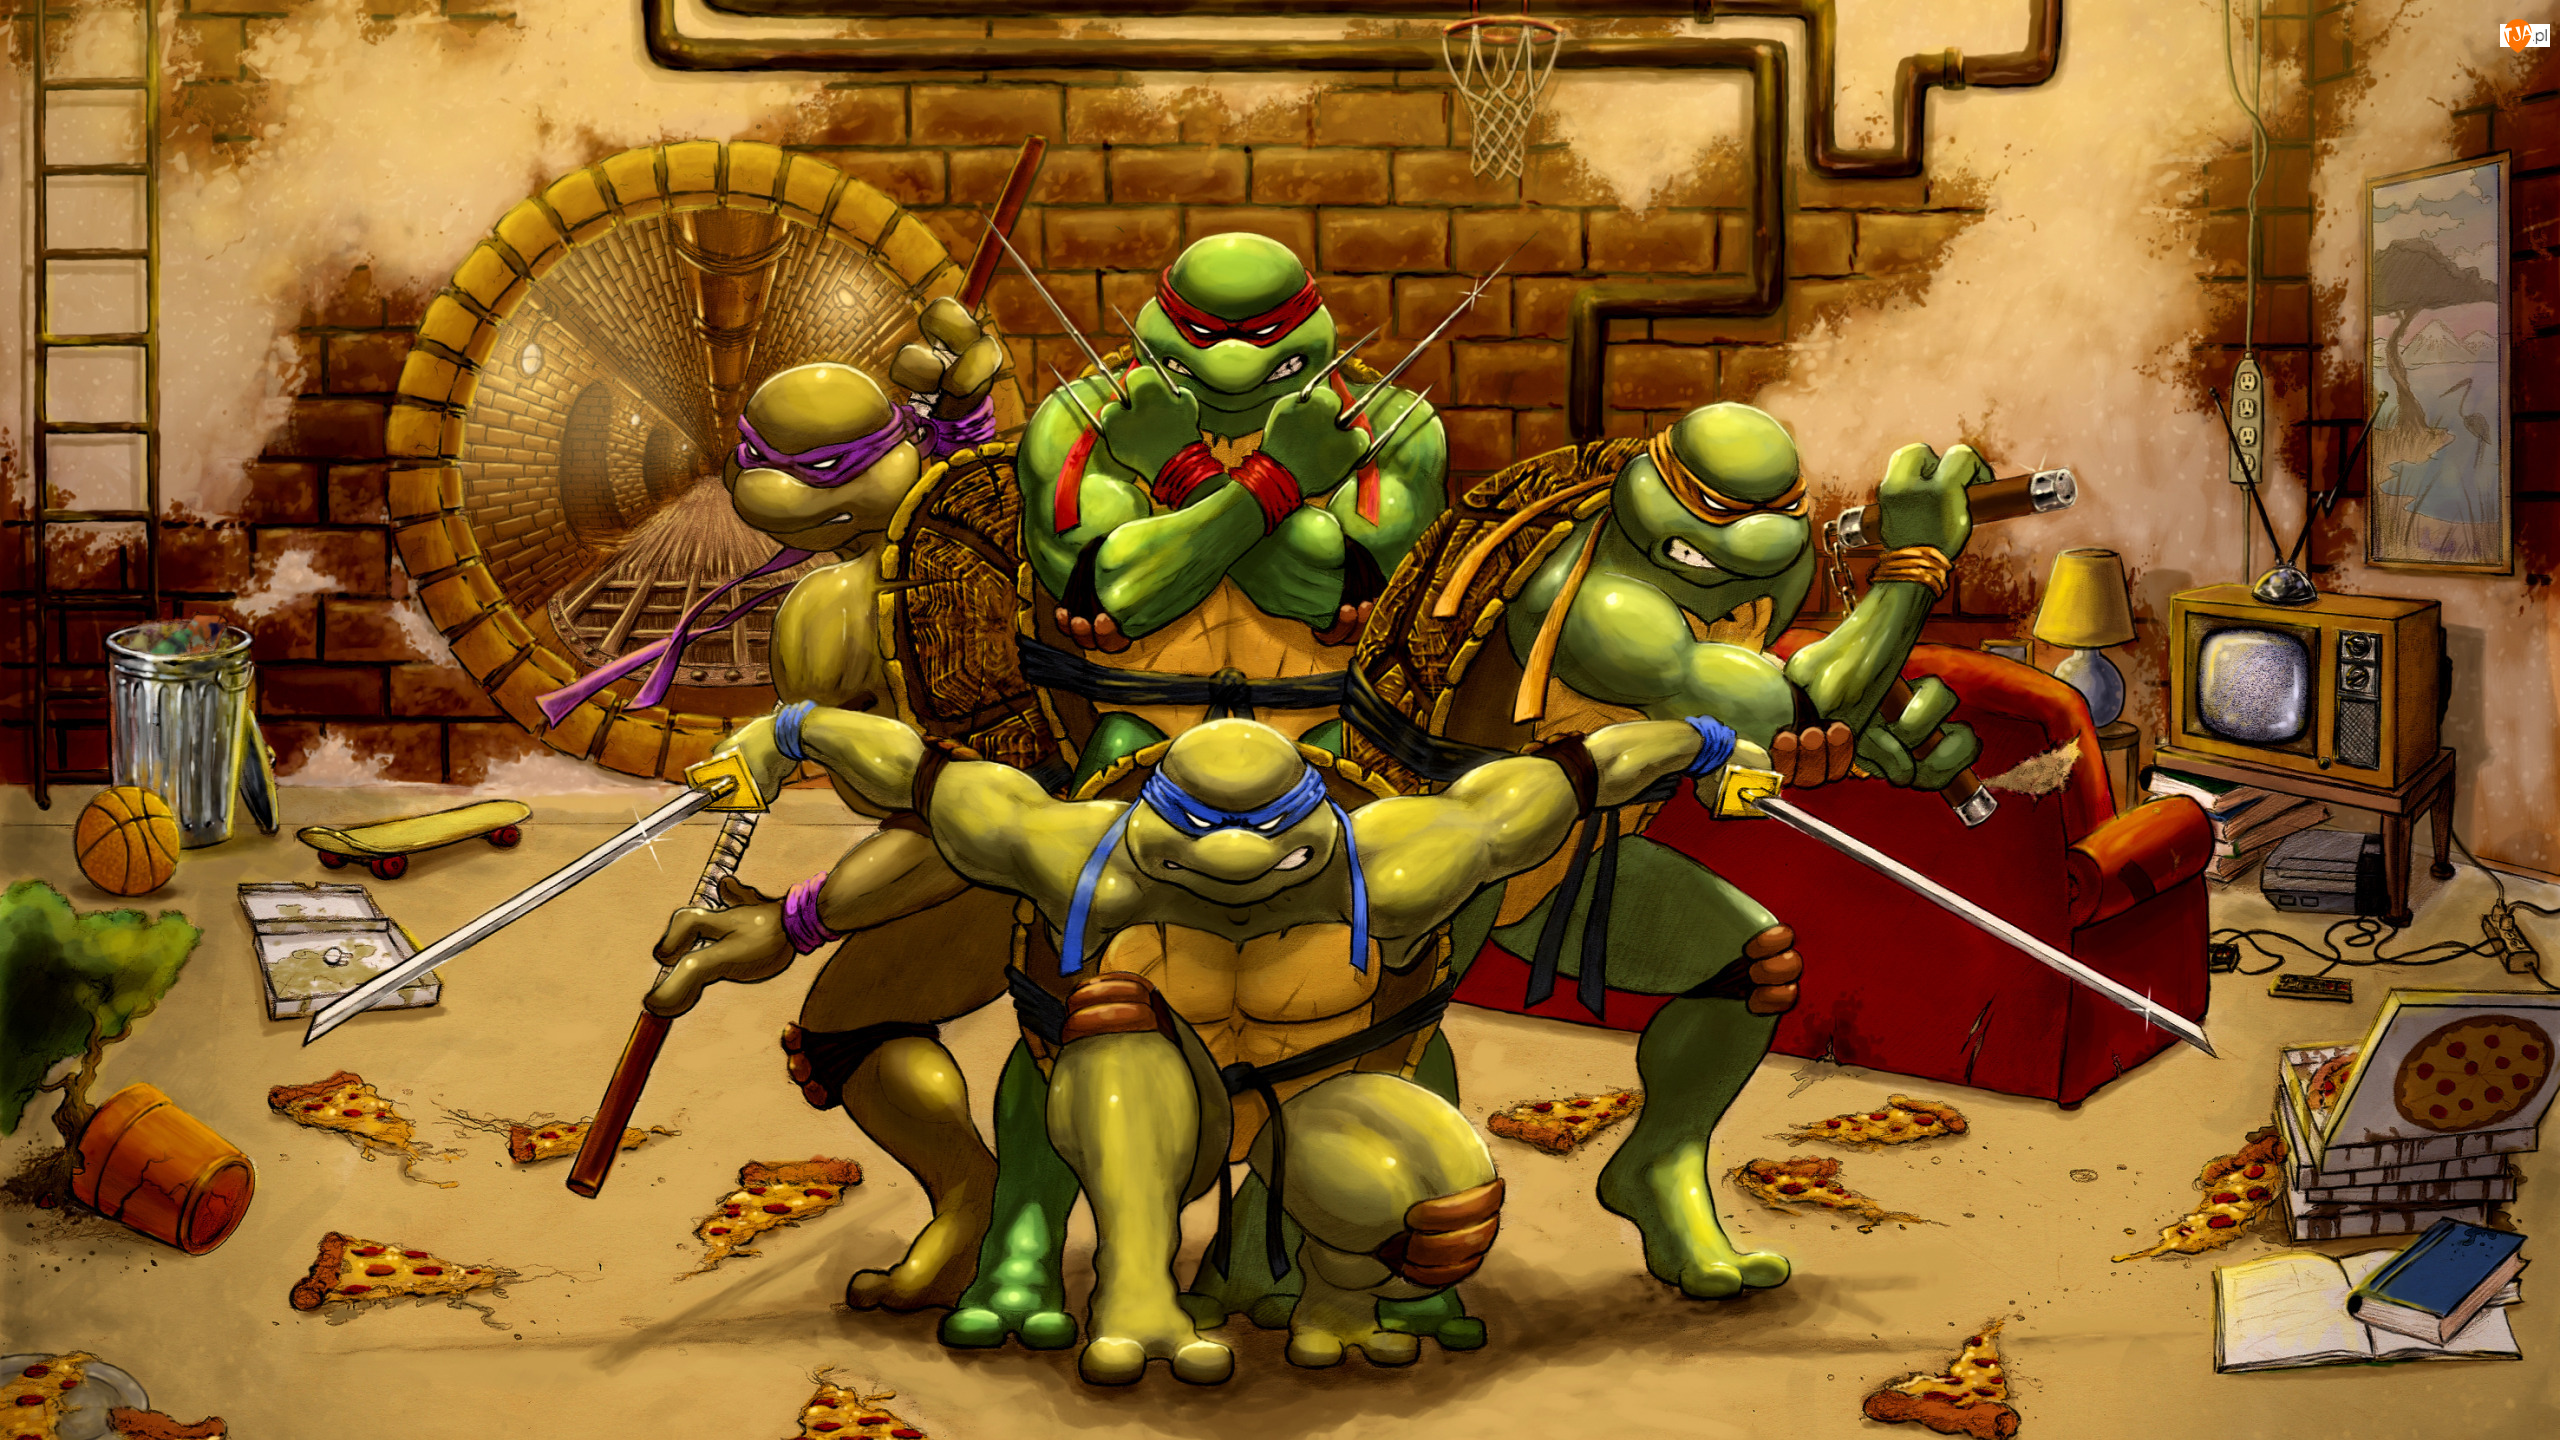 Wojownicze Żółwie Ninja, Grafika, Komiks